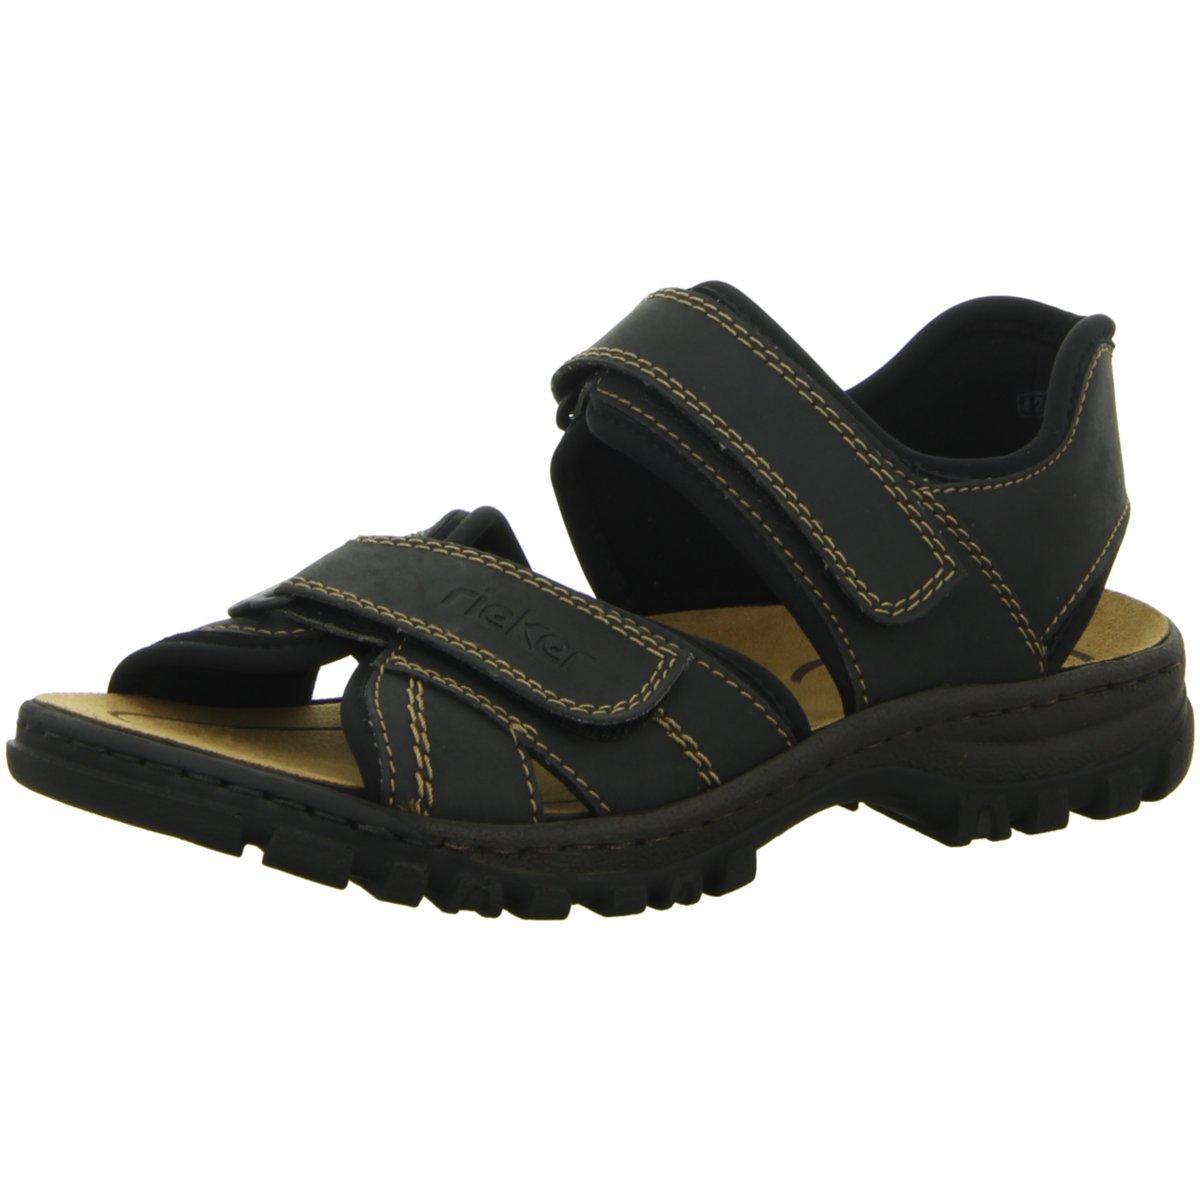 Rieker Herren Offene Sandalette 25051-01 grau 133720  | eine breite Palette von Produkten